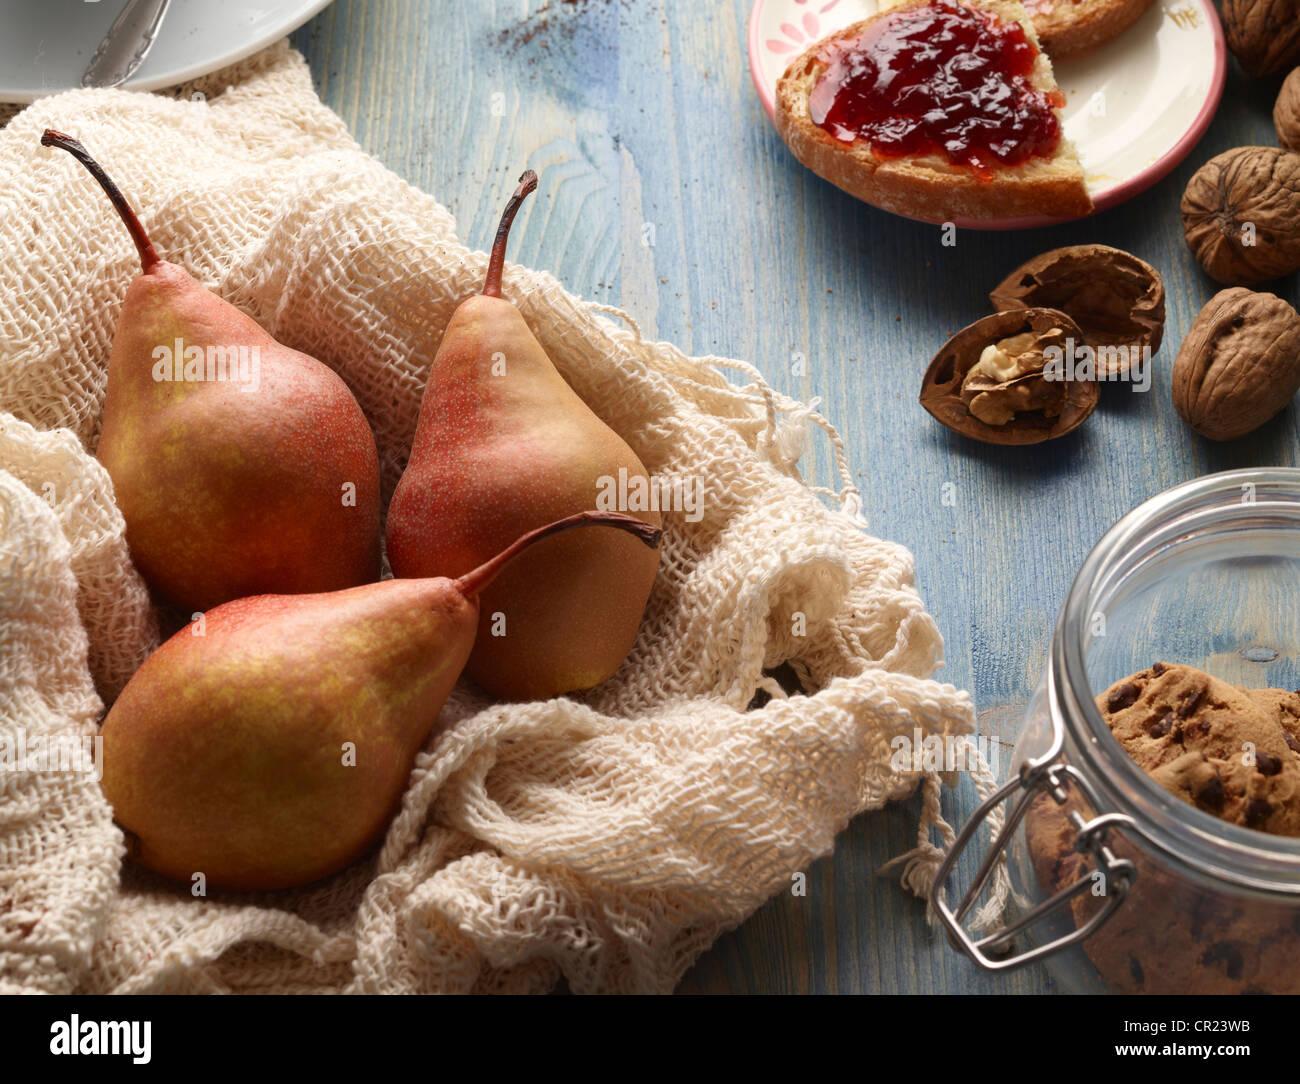 Las peras, nueces, galletas y pan con mermelada Foto de stock